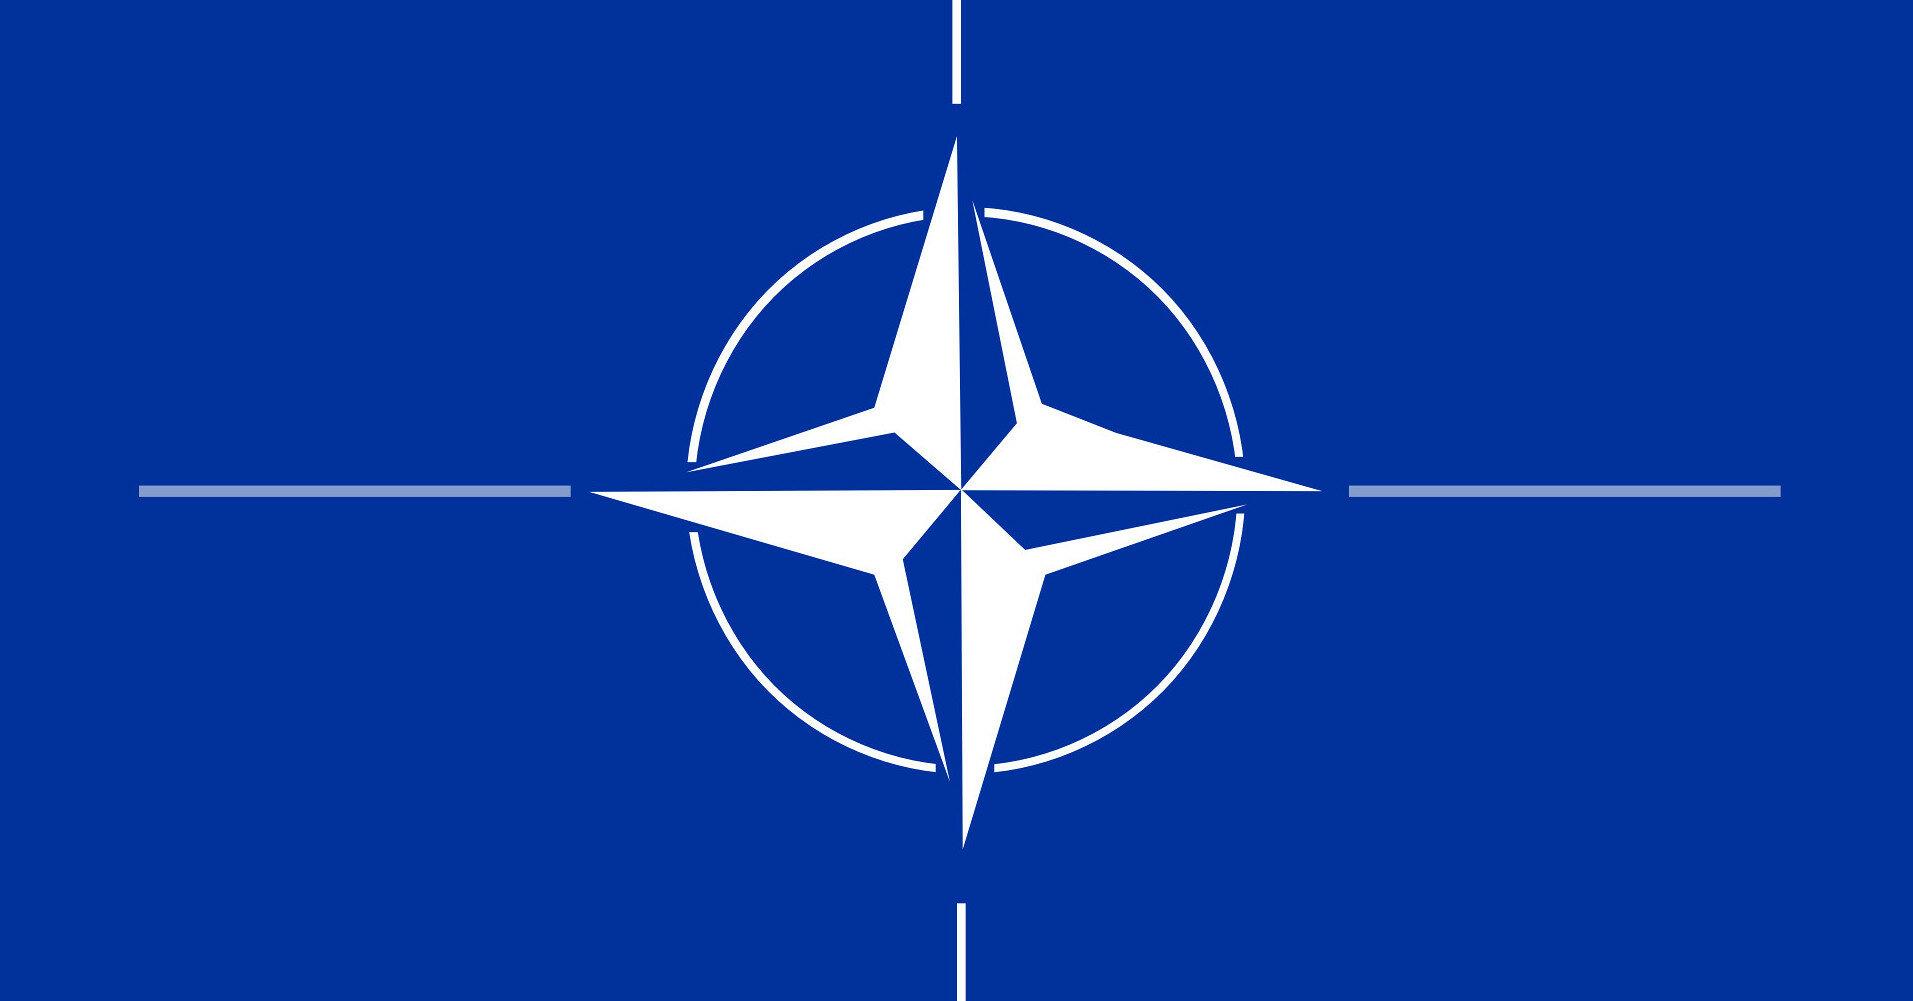 В Италии задержали группу неонацистов, которые хотели взорвать базу НАТО